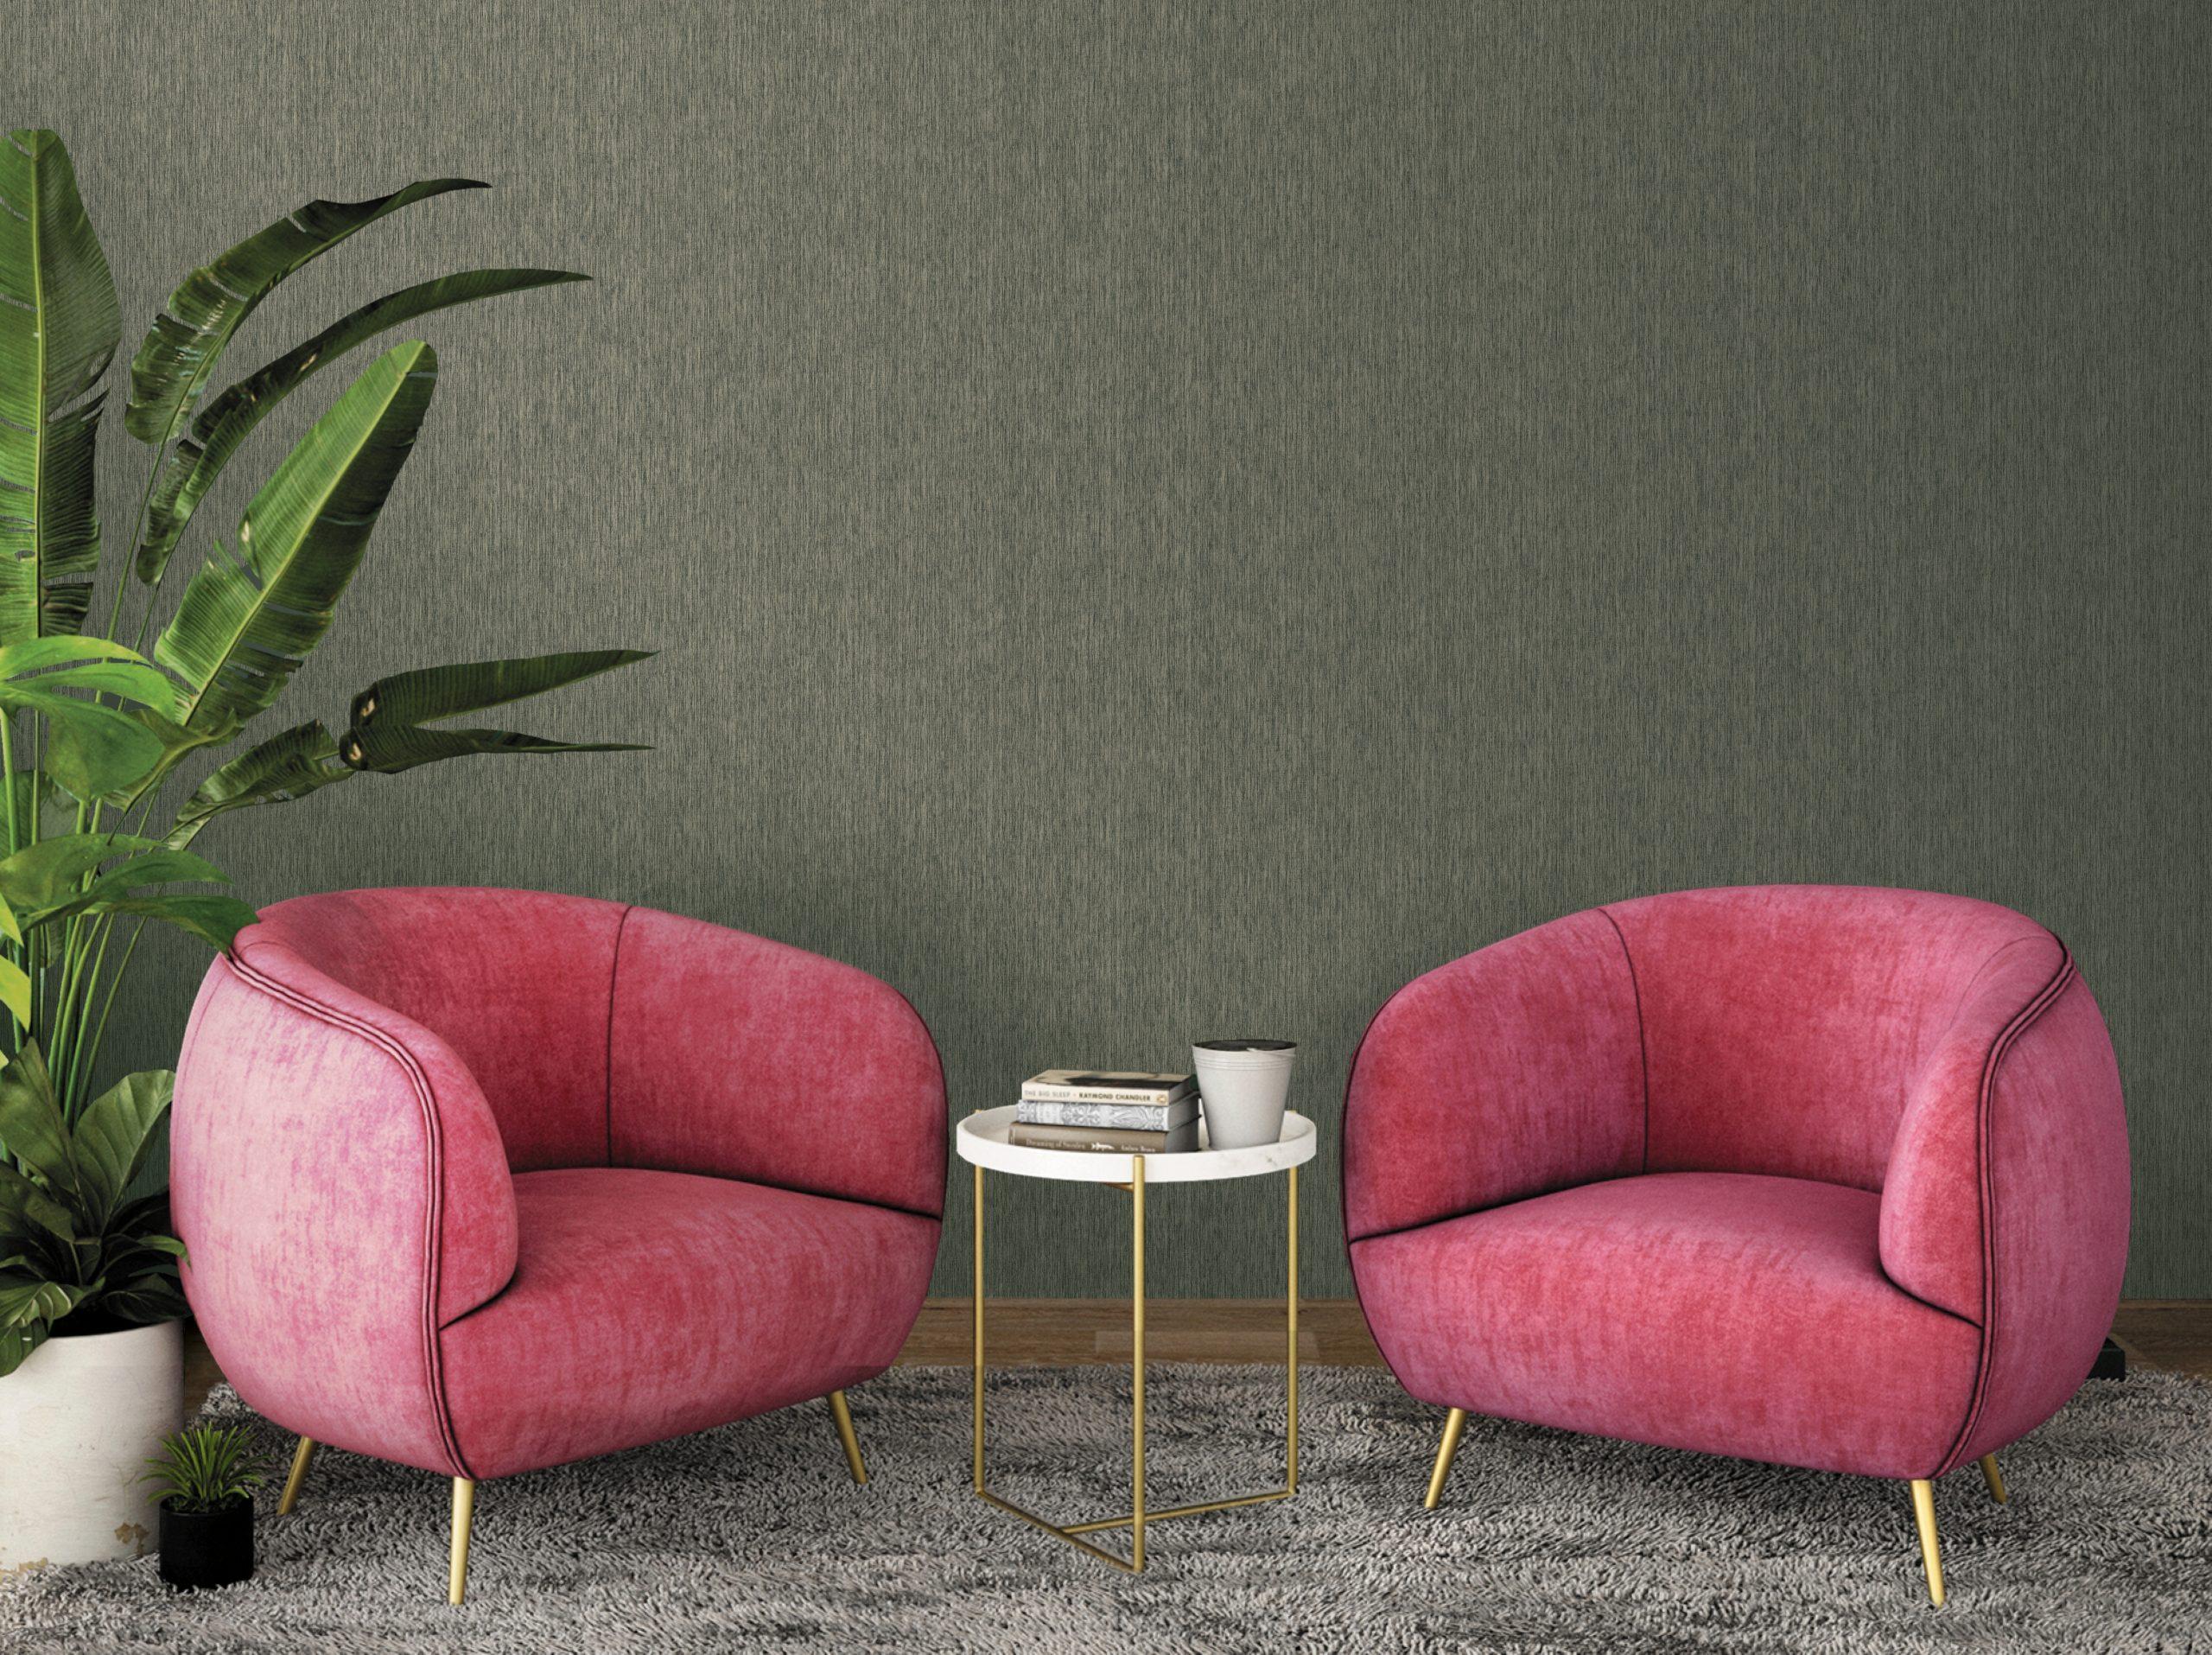 Muraspec Buflon : des solutions créatives pour habiller vos murs avec style!